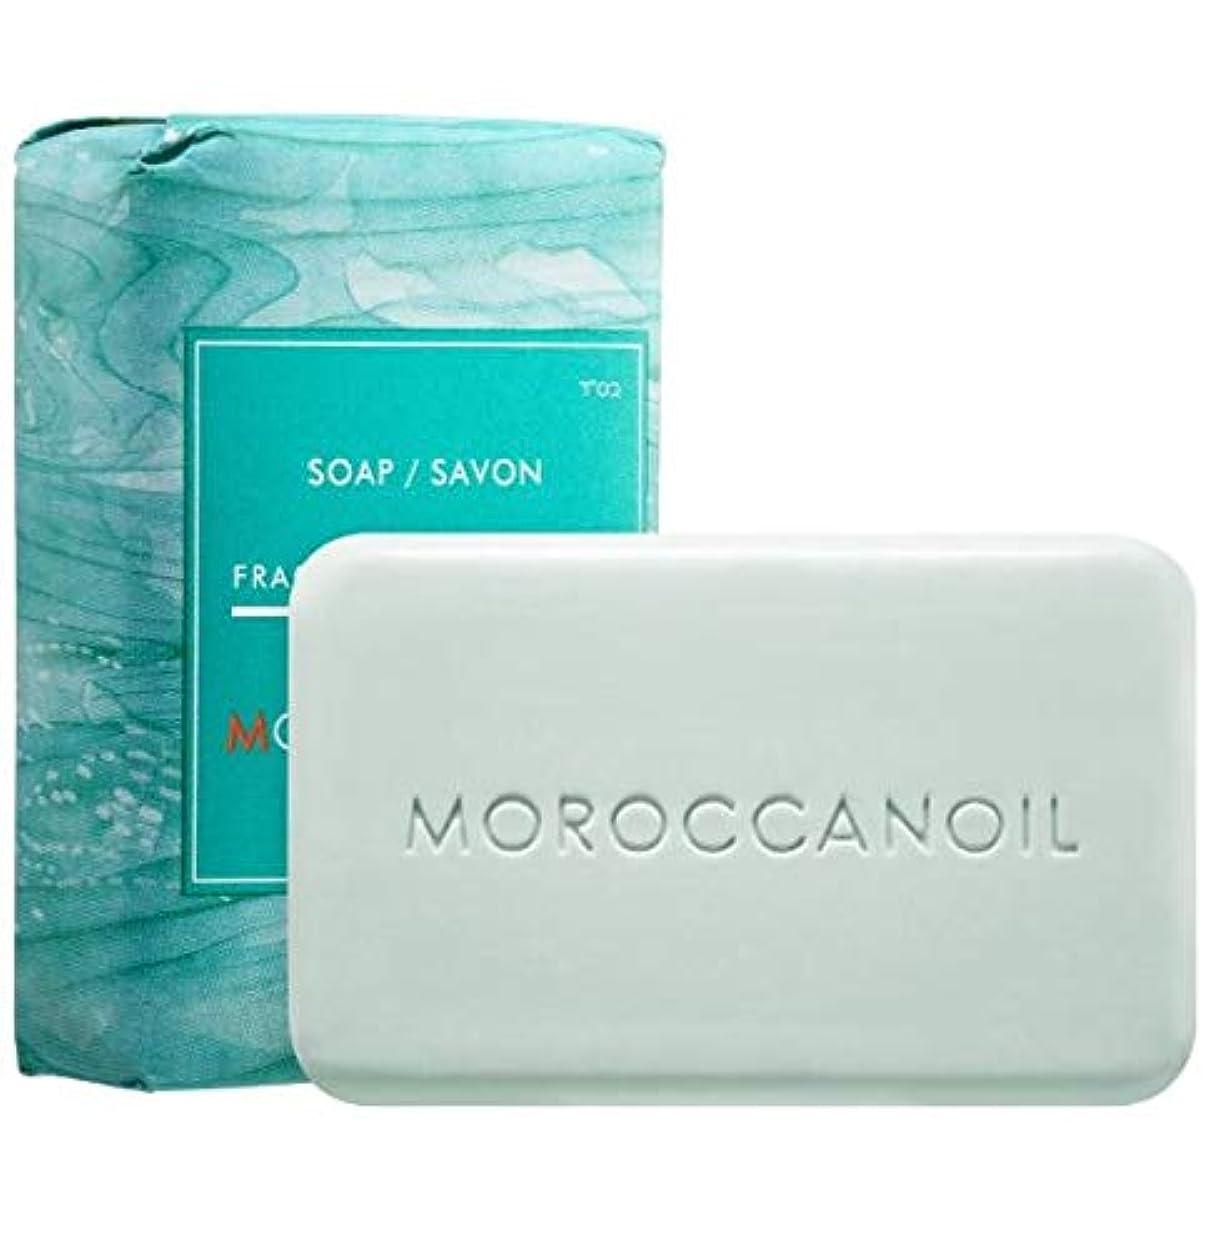 からかう早いきゅうりMoroccanoil Body Soap 7 oz/ 200 g [並行輸入品]